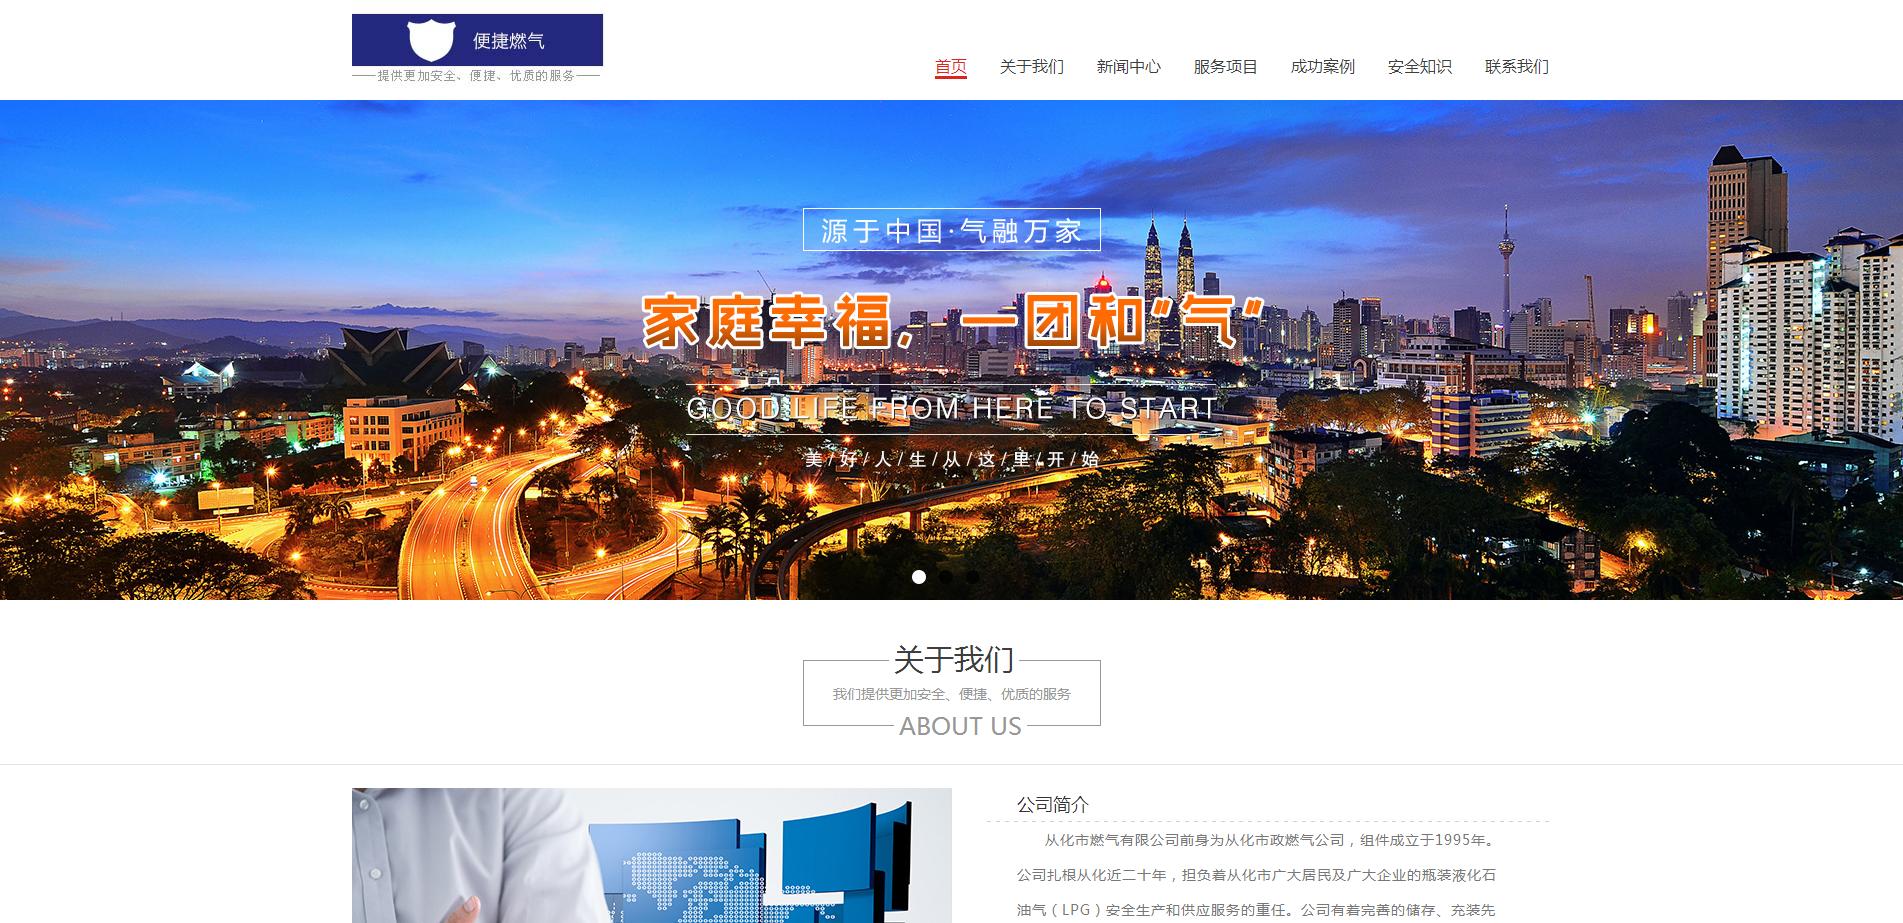 蓝色大气燃气公司网站模板下载